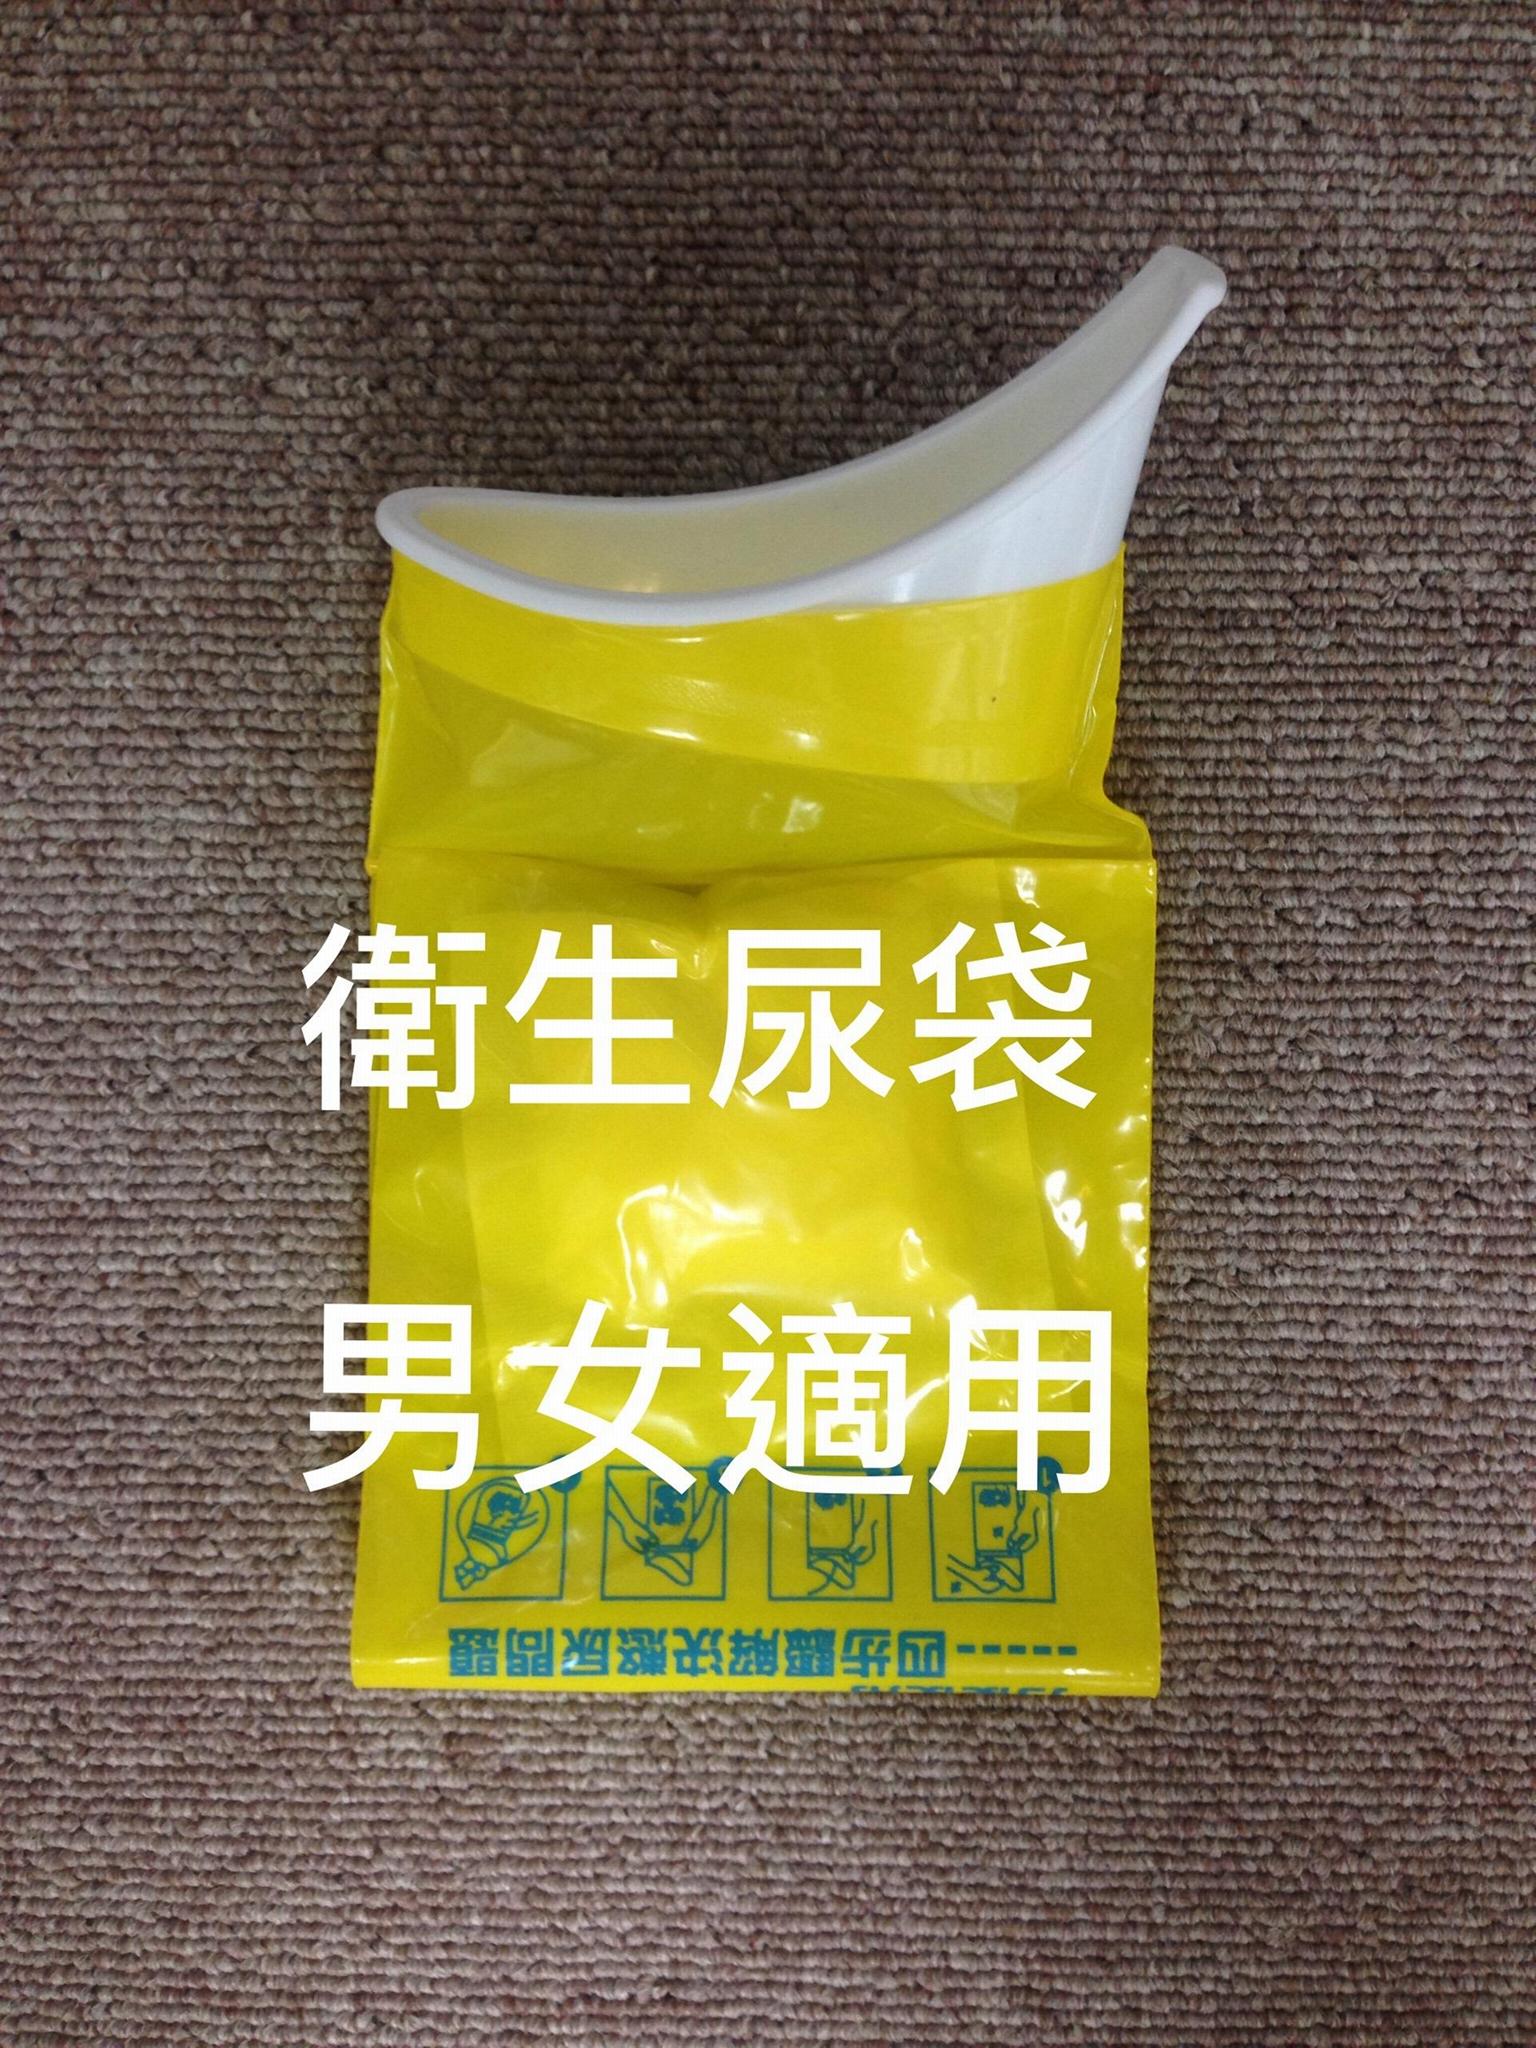 尿液收納除臭袋(500ml)